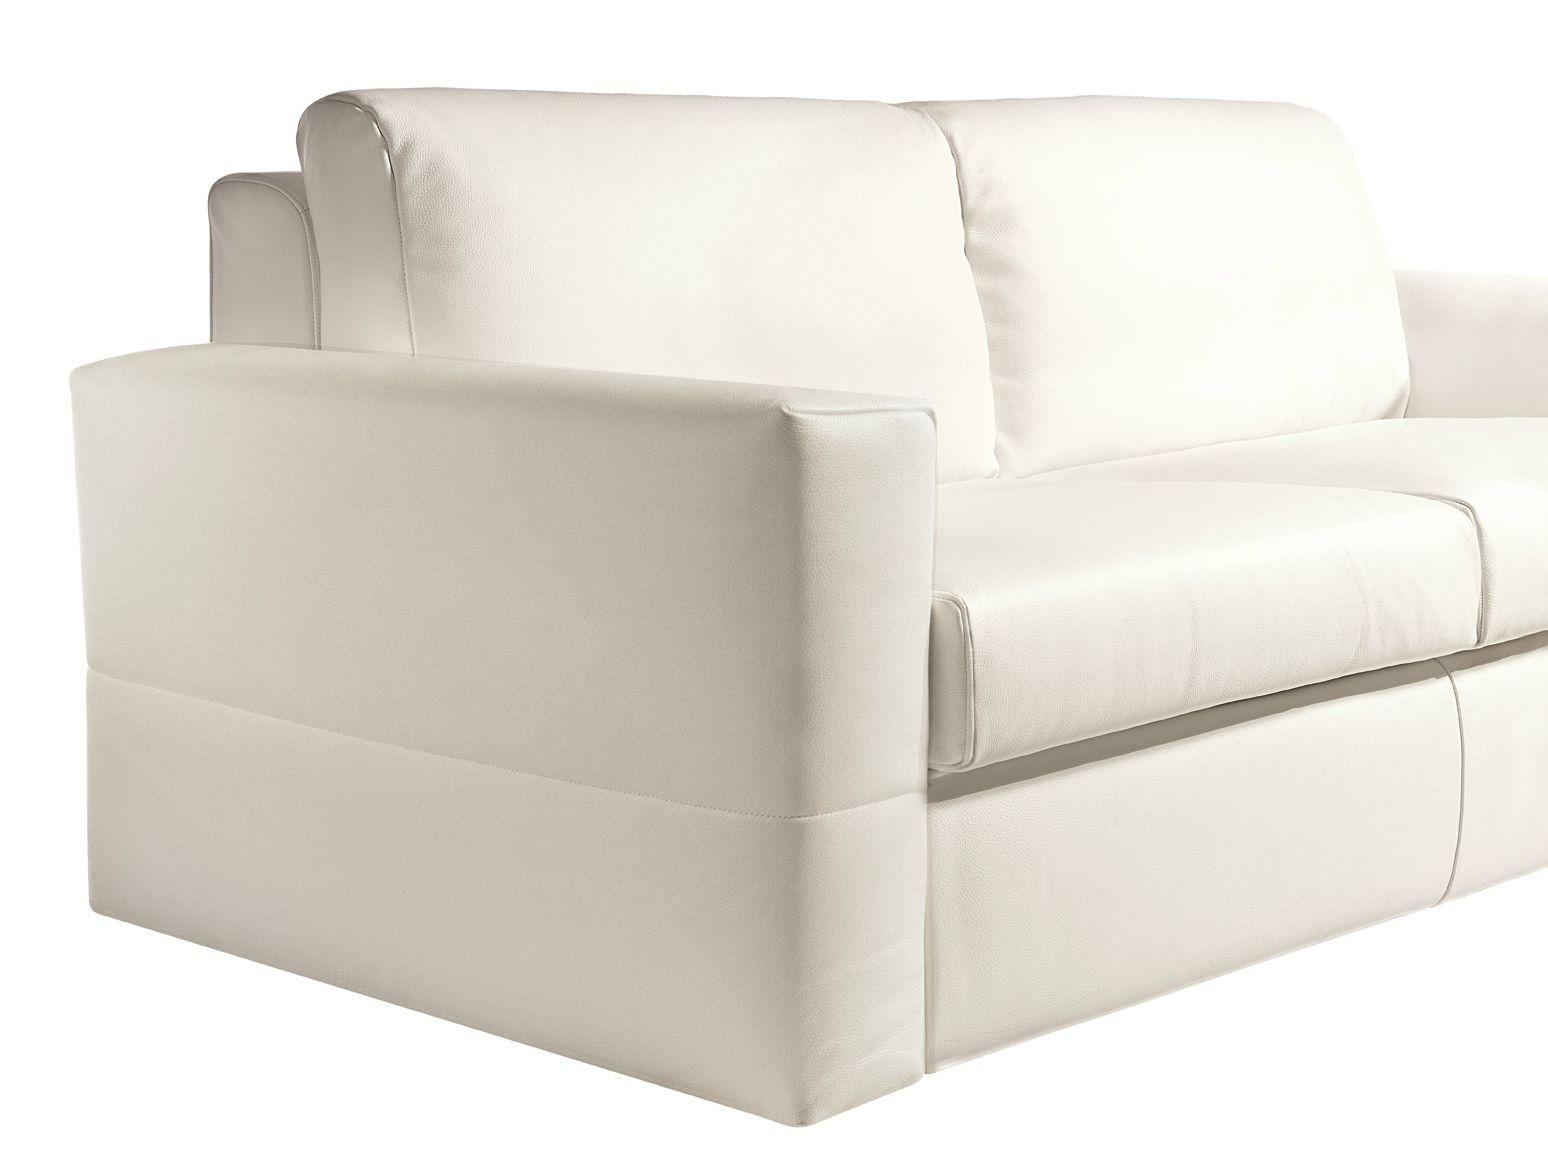 Divano letto in pelle a 2 posti simply design by bodema - Divano 2 posti letto ...